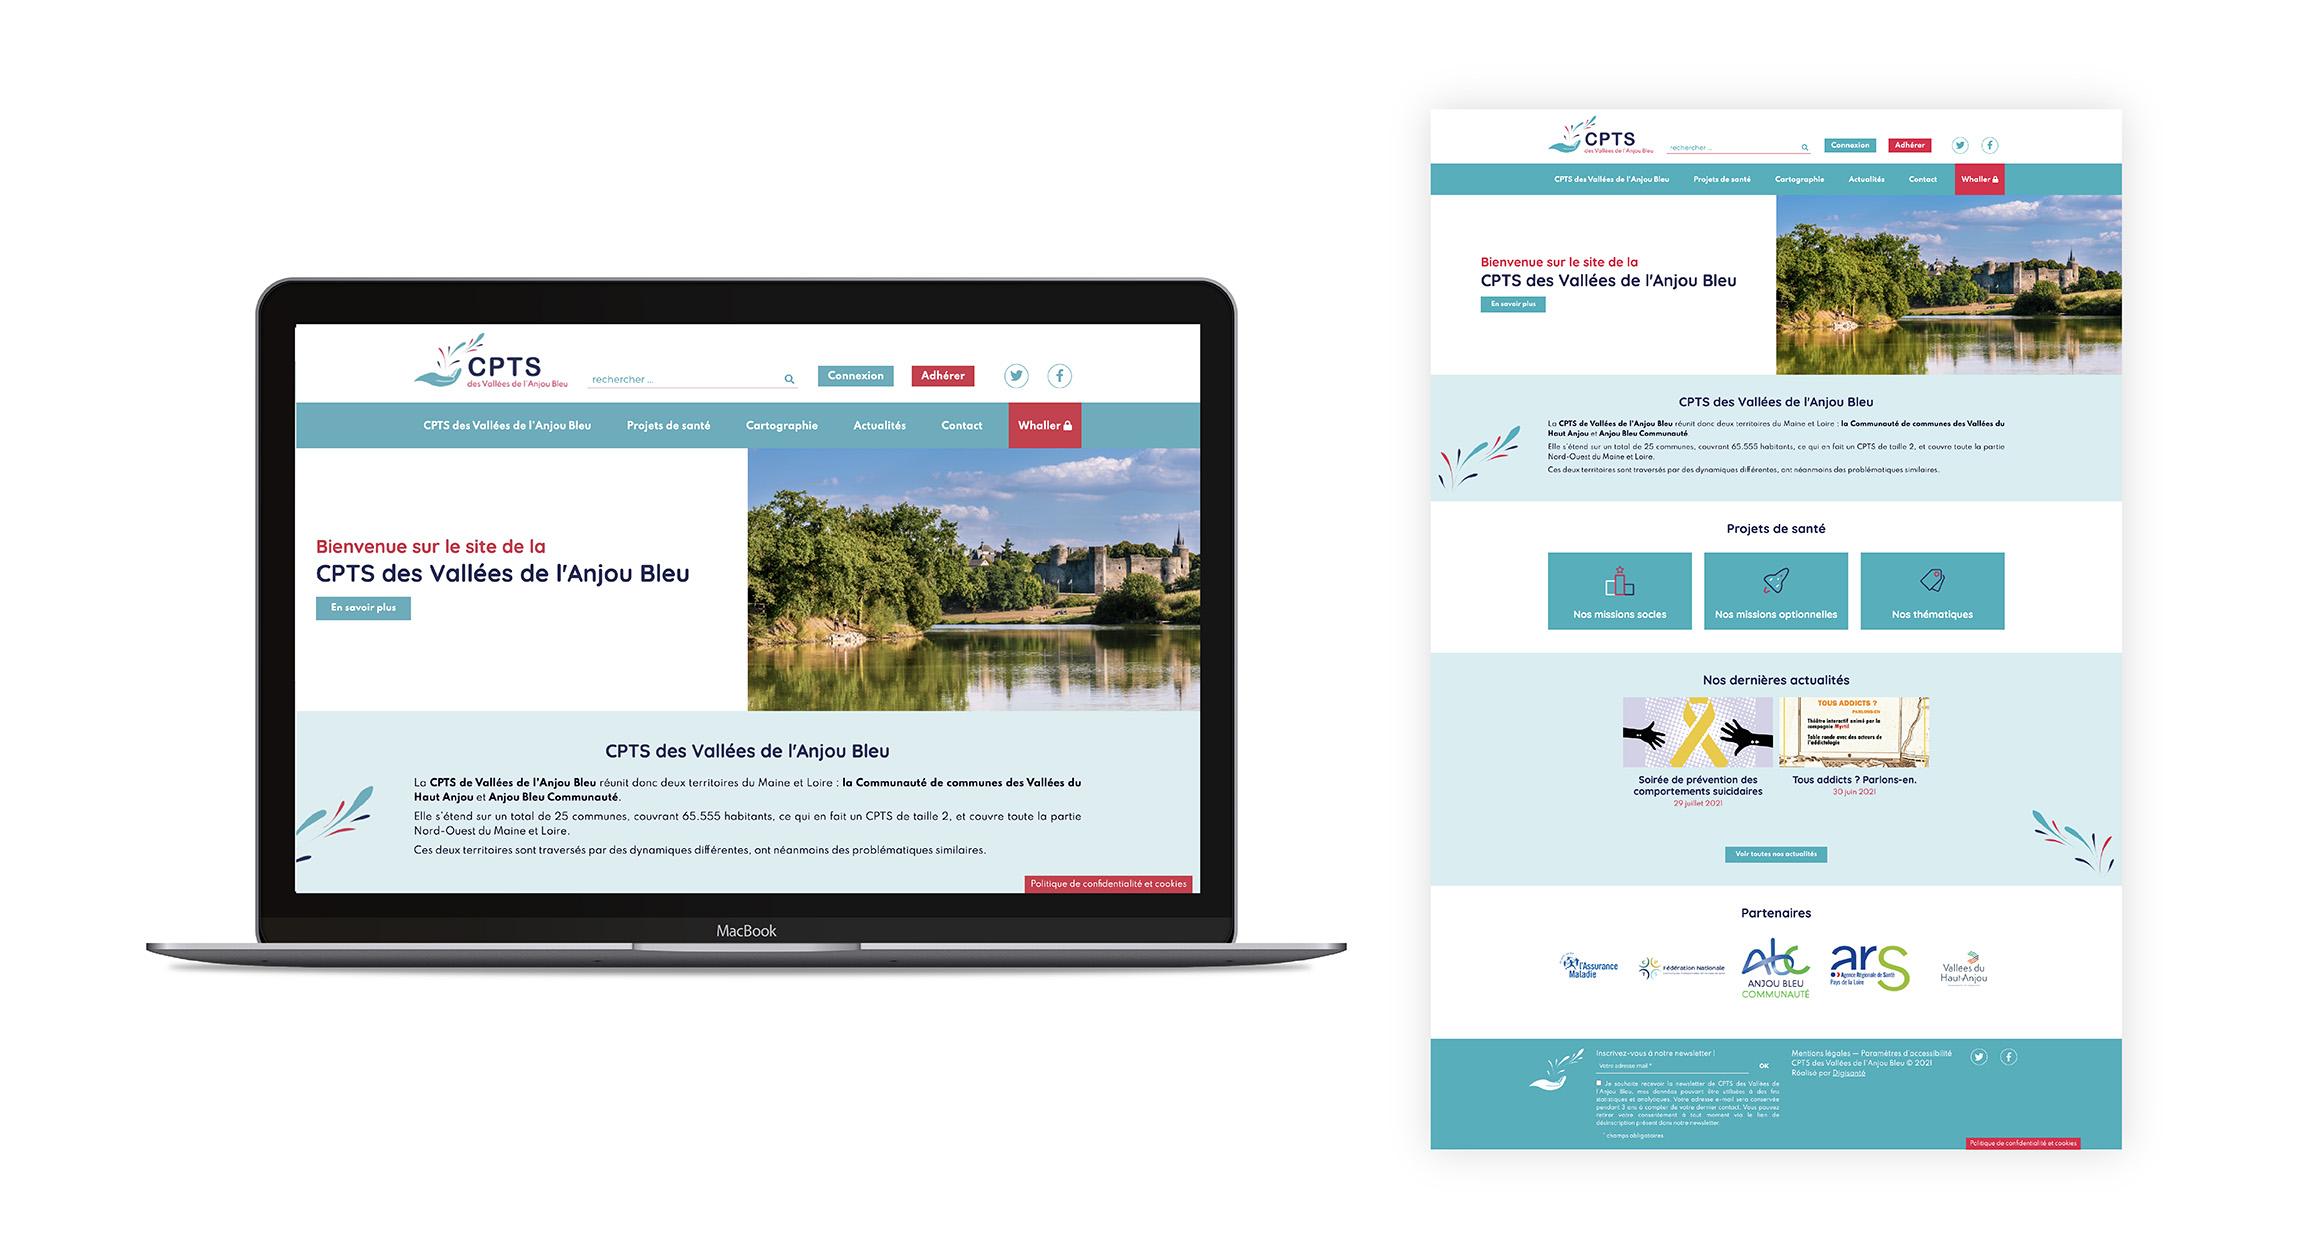 Site web CPTS des Vallées de l'Anjou Bleu